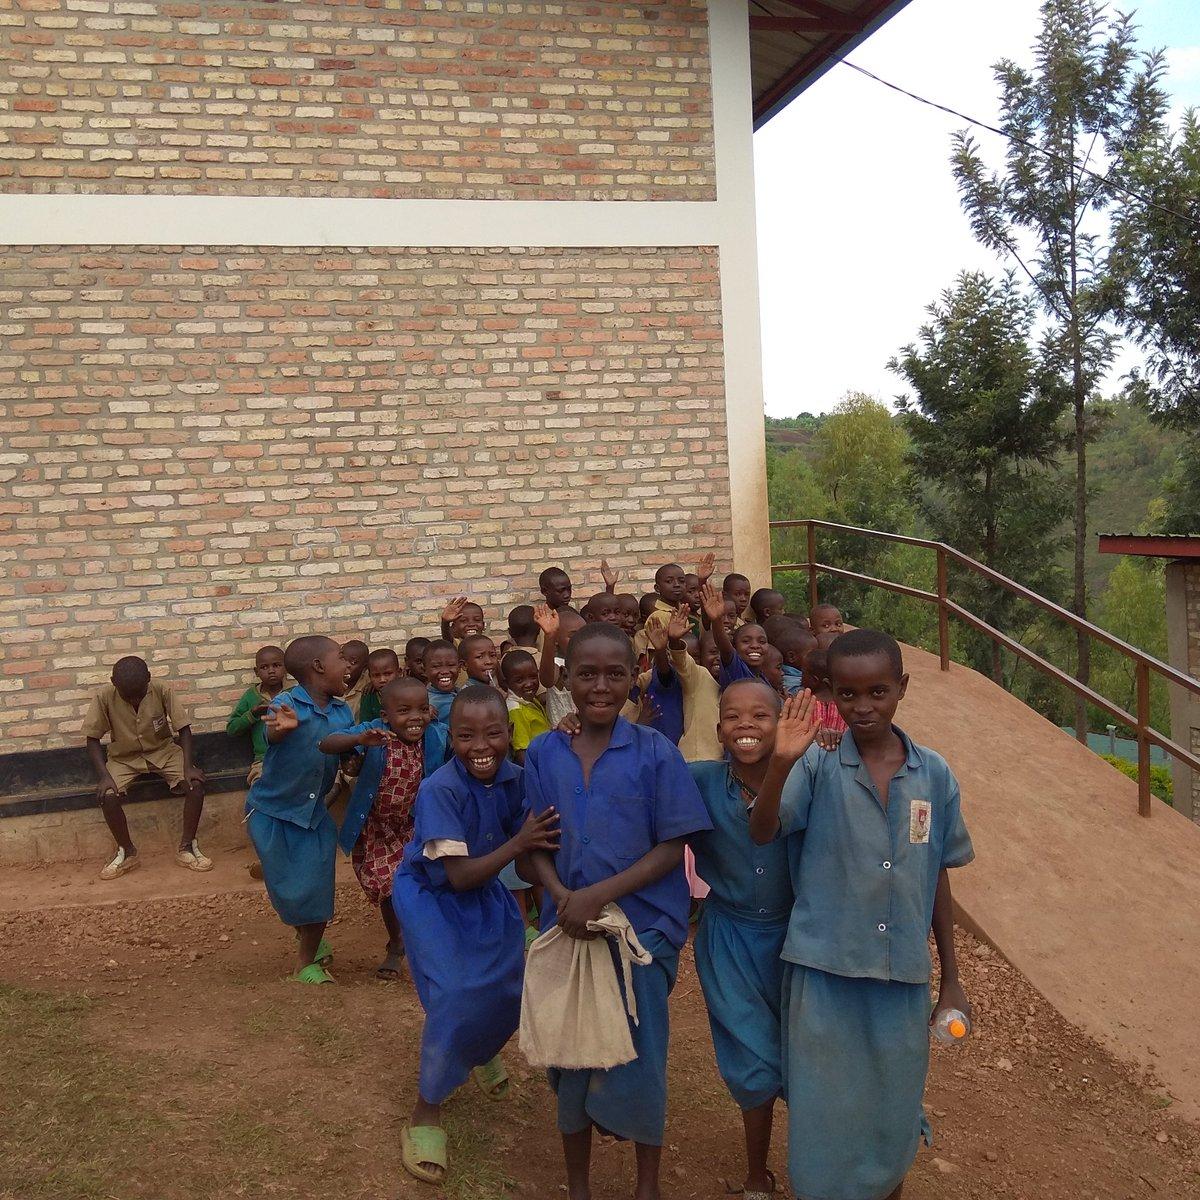 kitkitschool photo